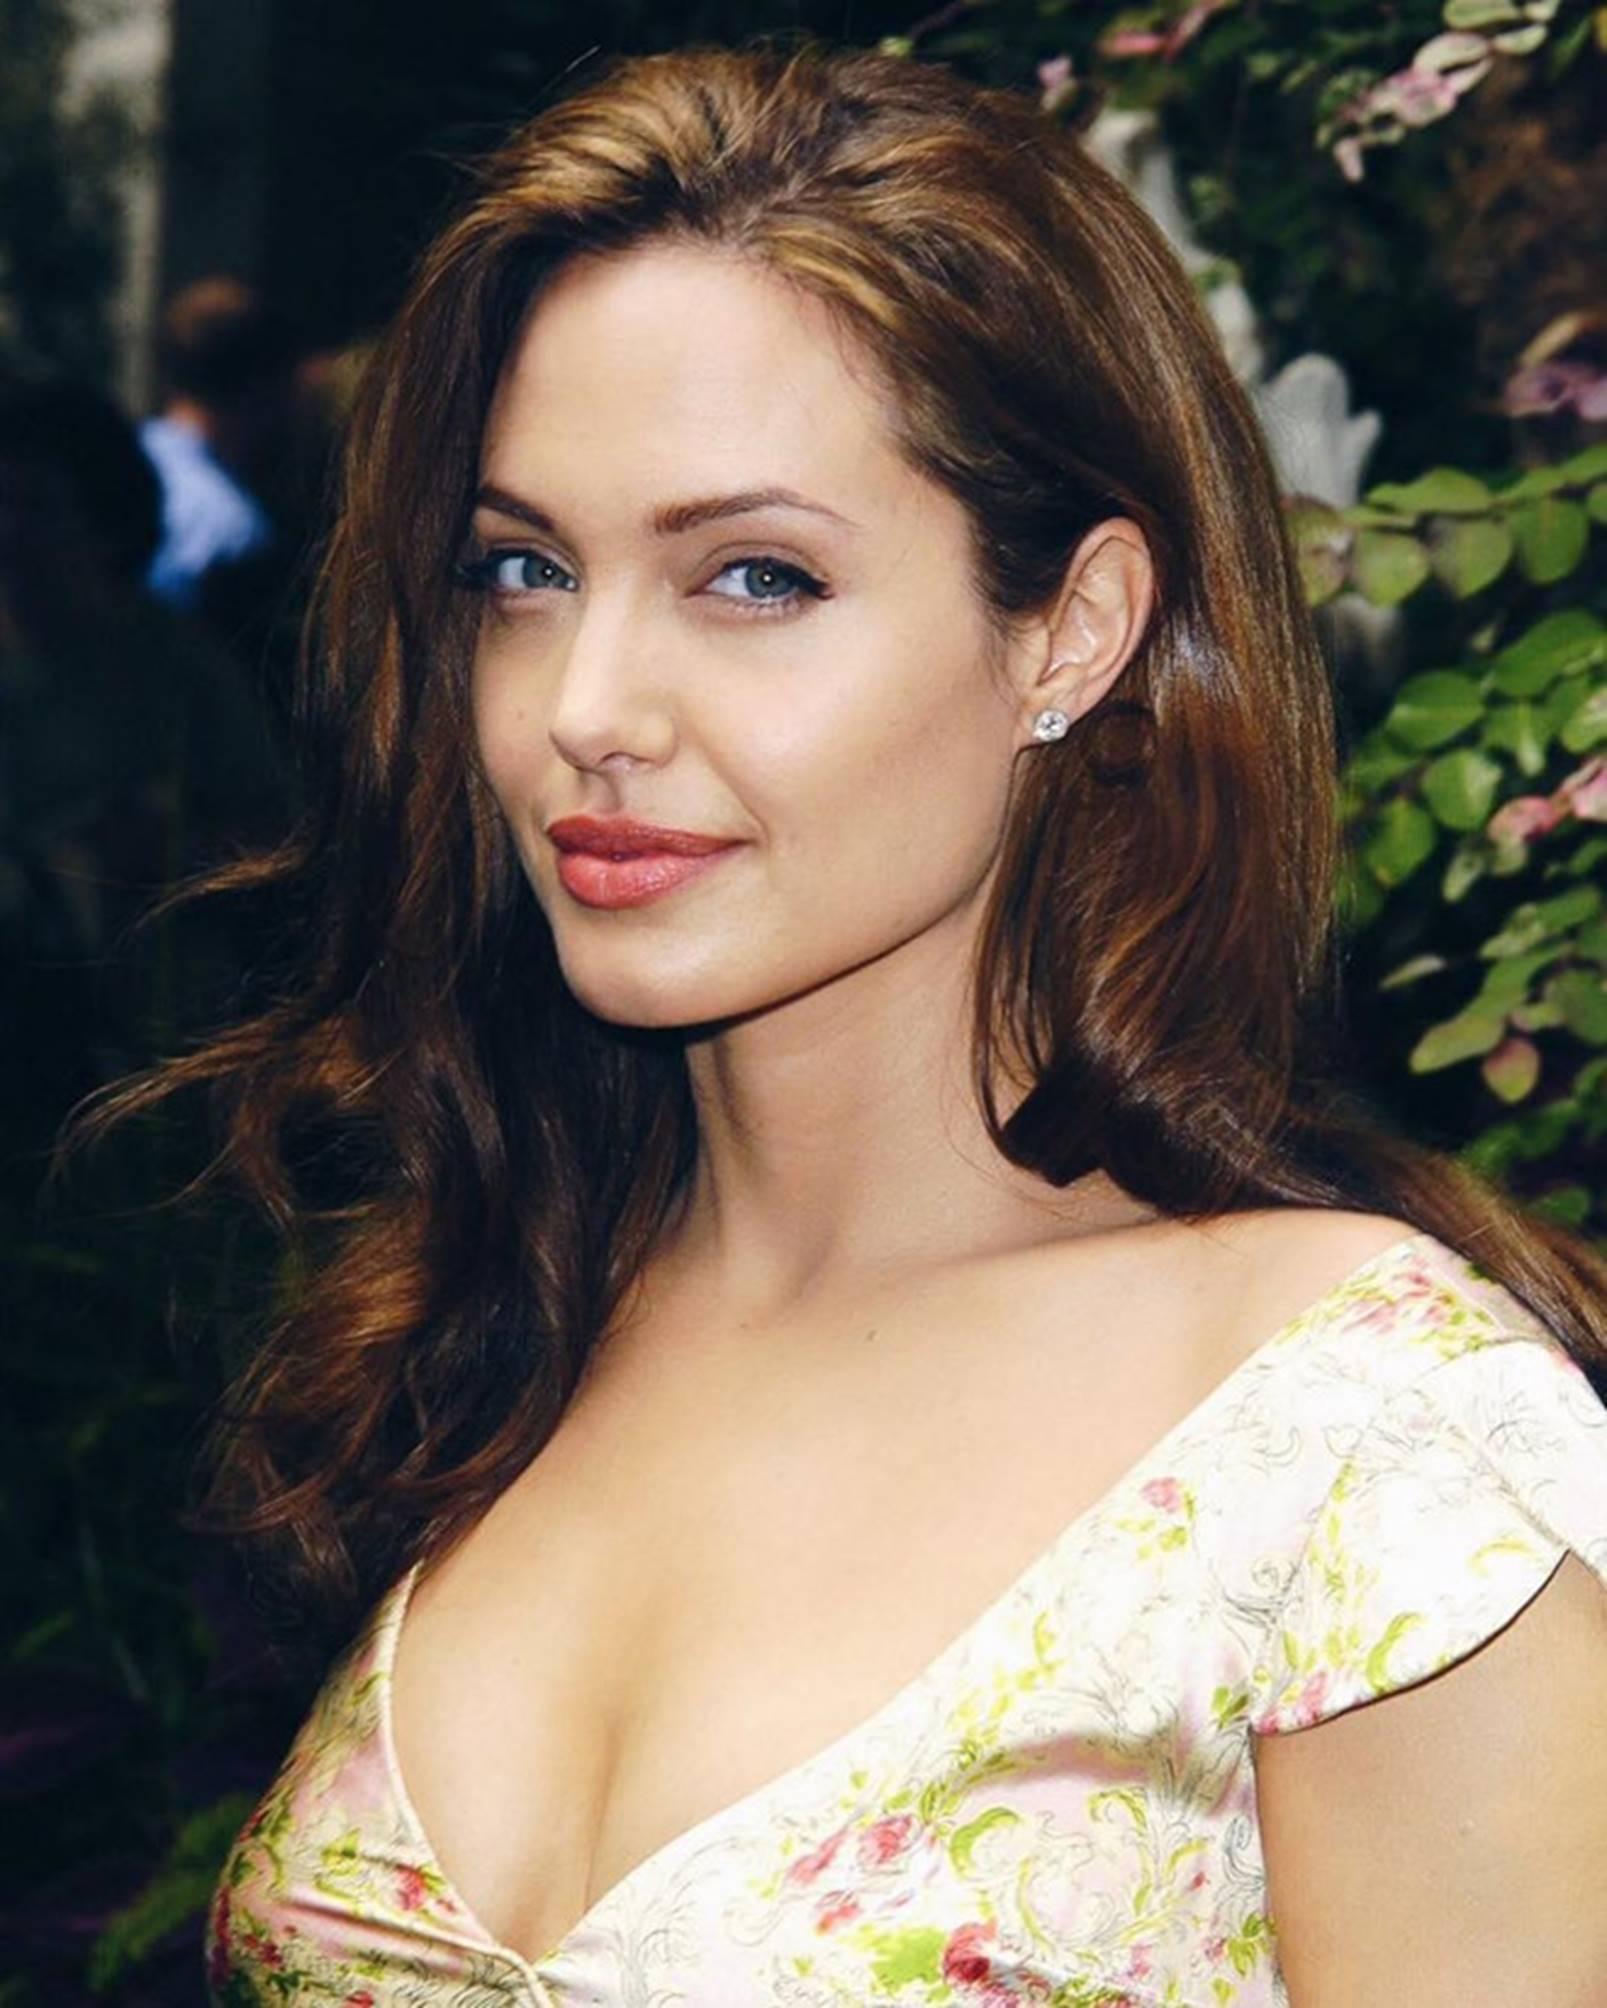 Nghệ danh của cô được lấy cảm hứng từ thần tượng Angelina Jolie.